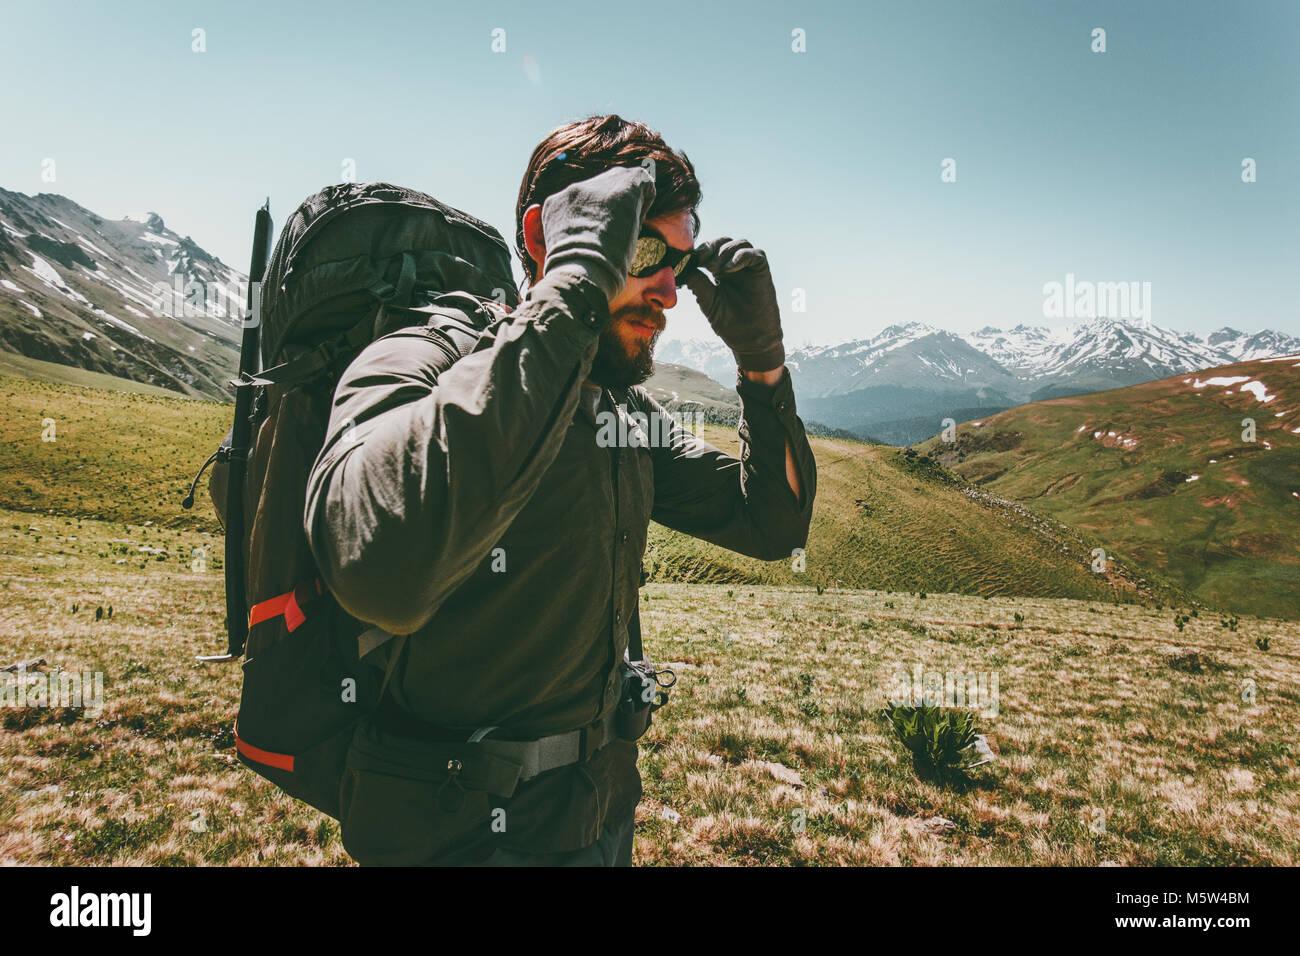 Backpacker uomo trekking in montagna stile di vita viaggio concetto di sopravvivenza avventura esterna vacanze attive Immagini Stock